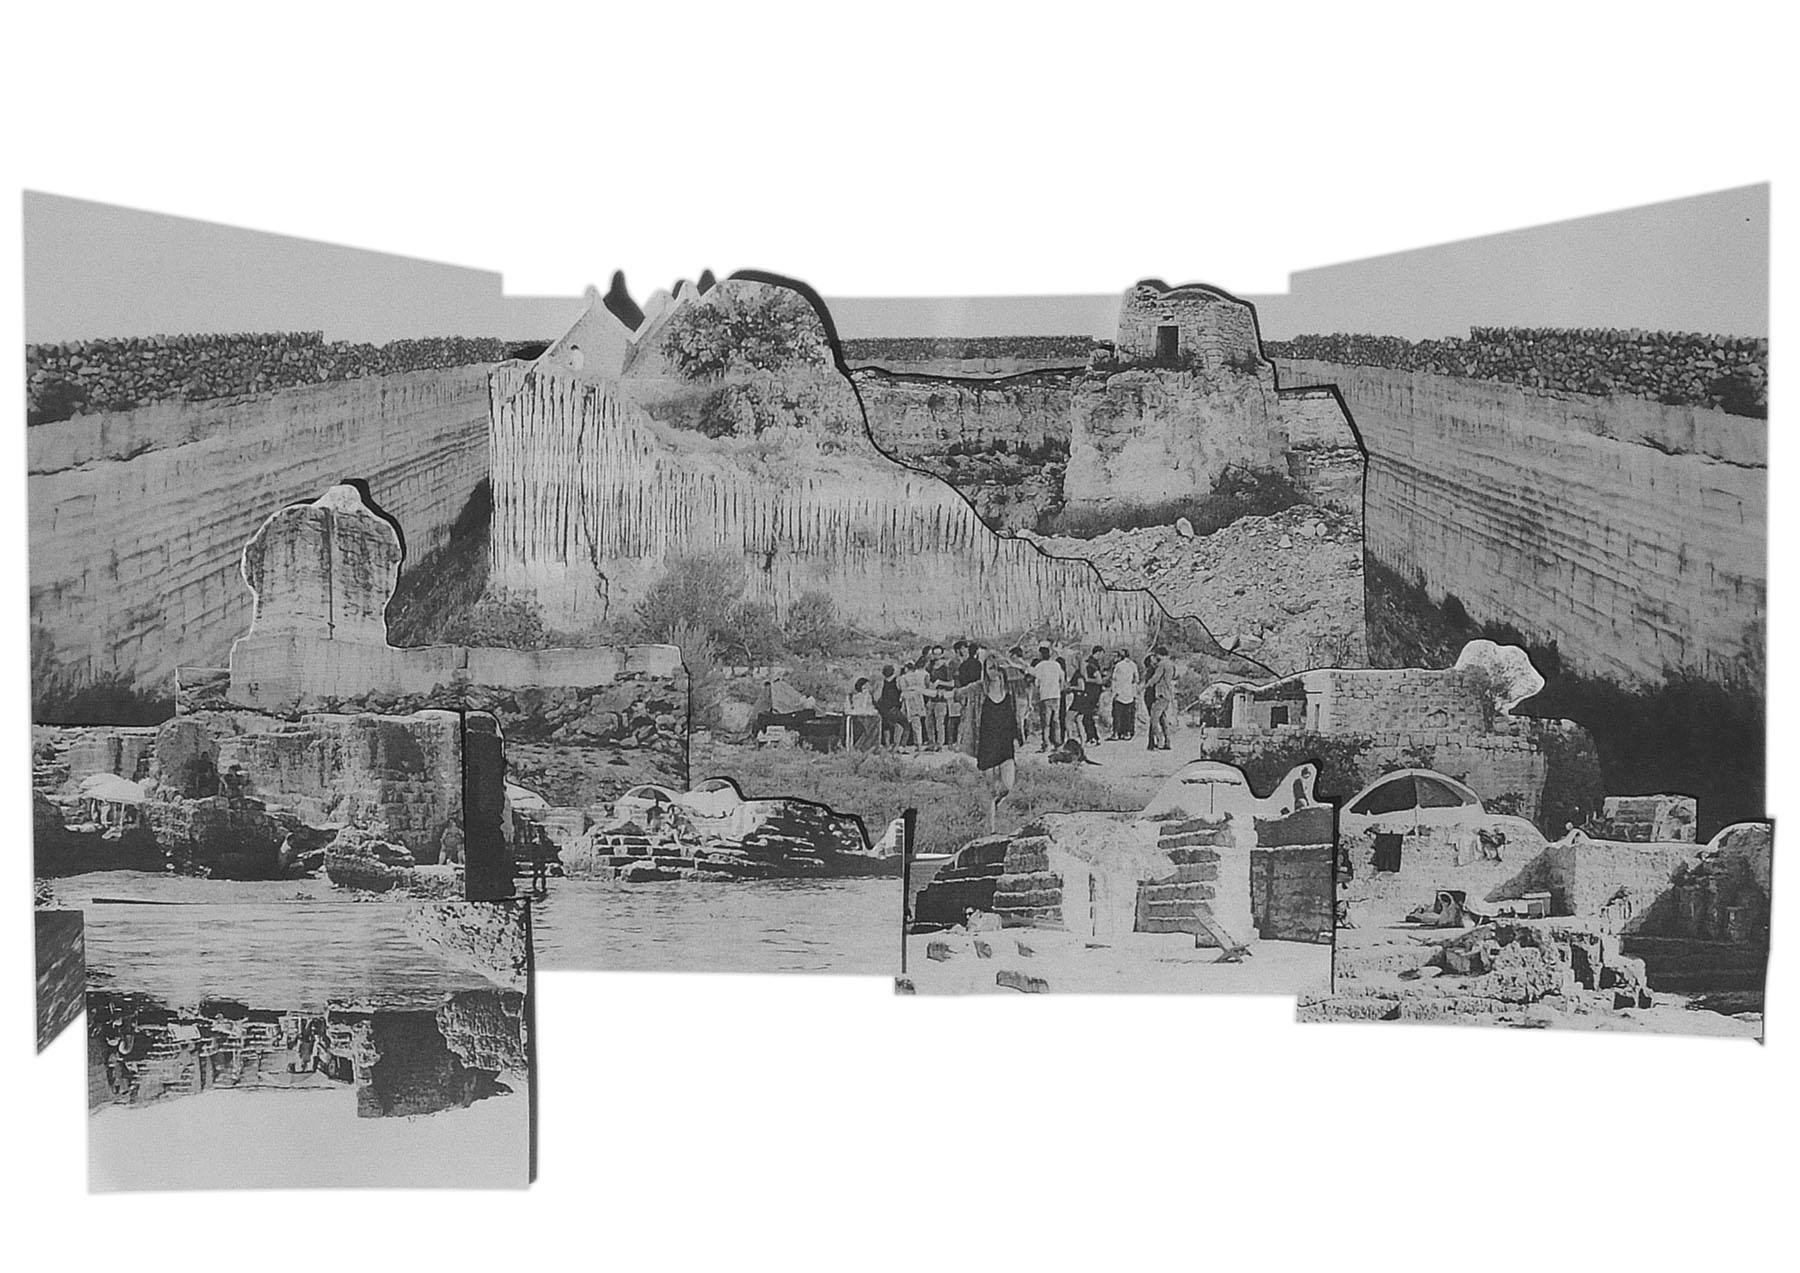 fabrizio-bellomo-villaggio-cavatrulli-collage-2017-work-in-progress